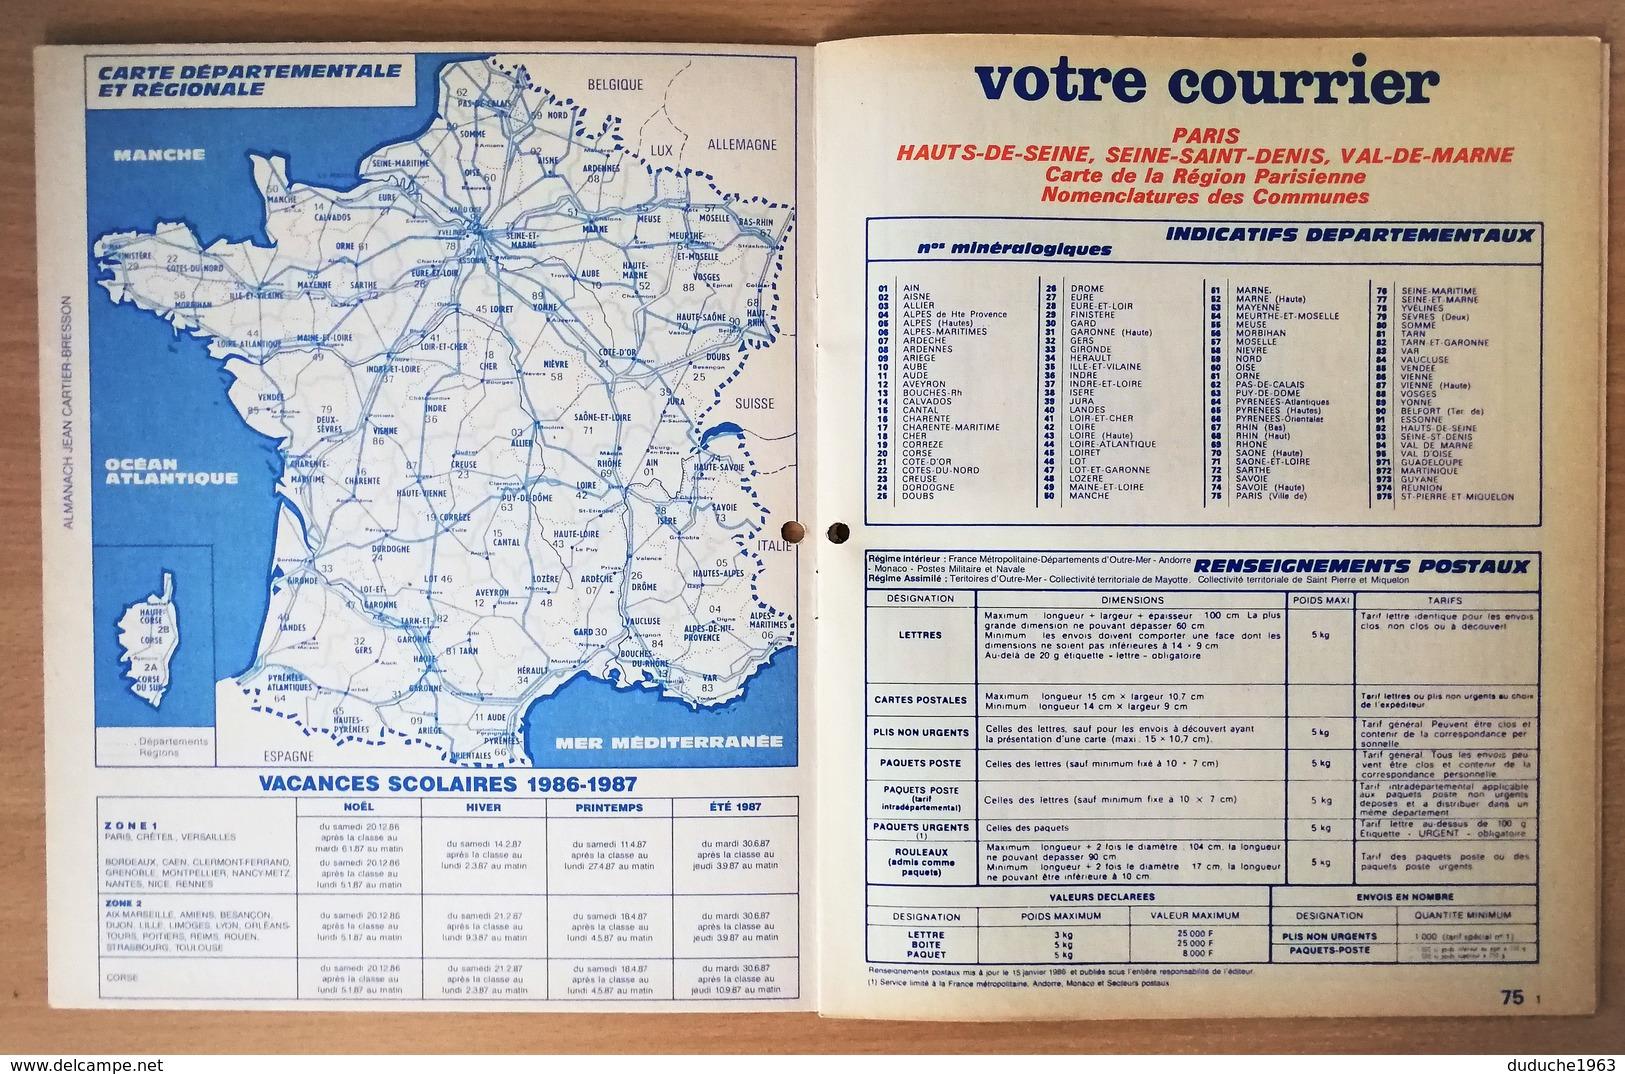 Calendrier La Poste - Almanach : 75-92-93-94 Paris Et Banlieue 1987. Plan Banlieue Paris,métro,autobus - Calendriers